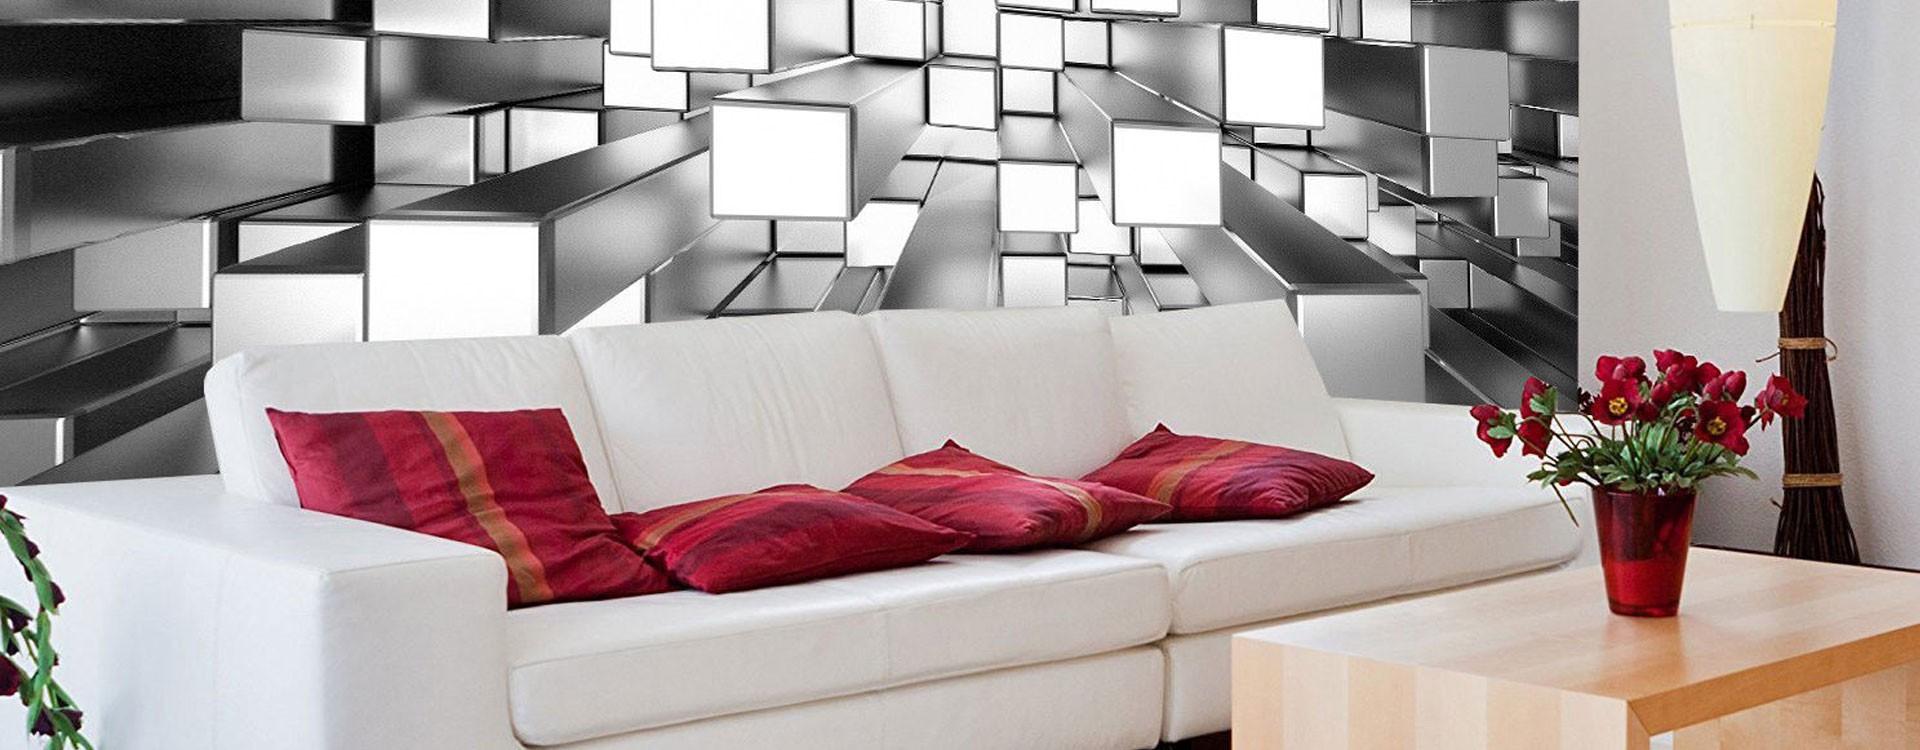 آیا انتخاب پوستر دیواری سه بعدی برای پوشش دیوار انتخاب درستی است؟